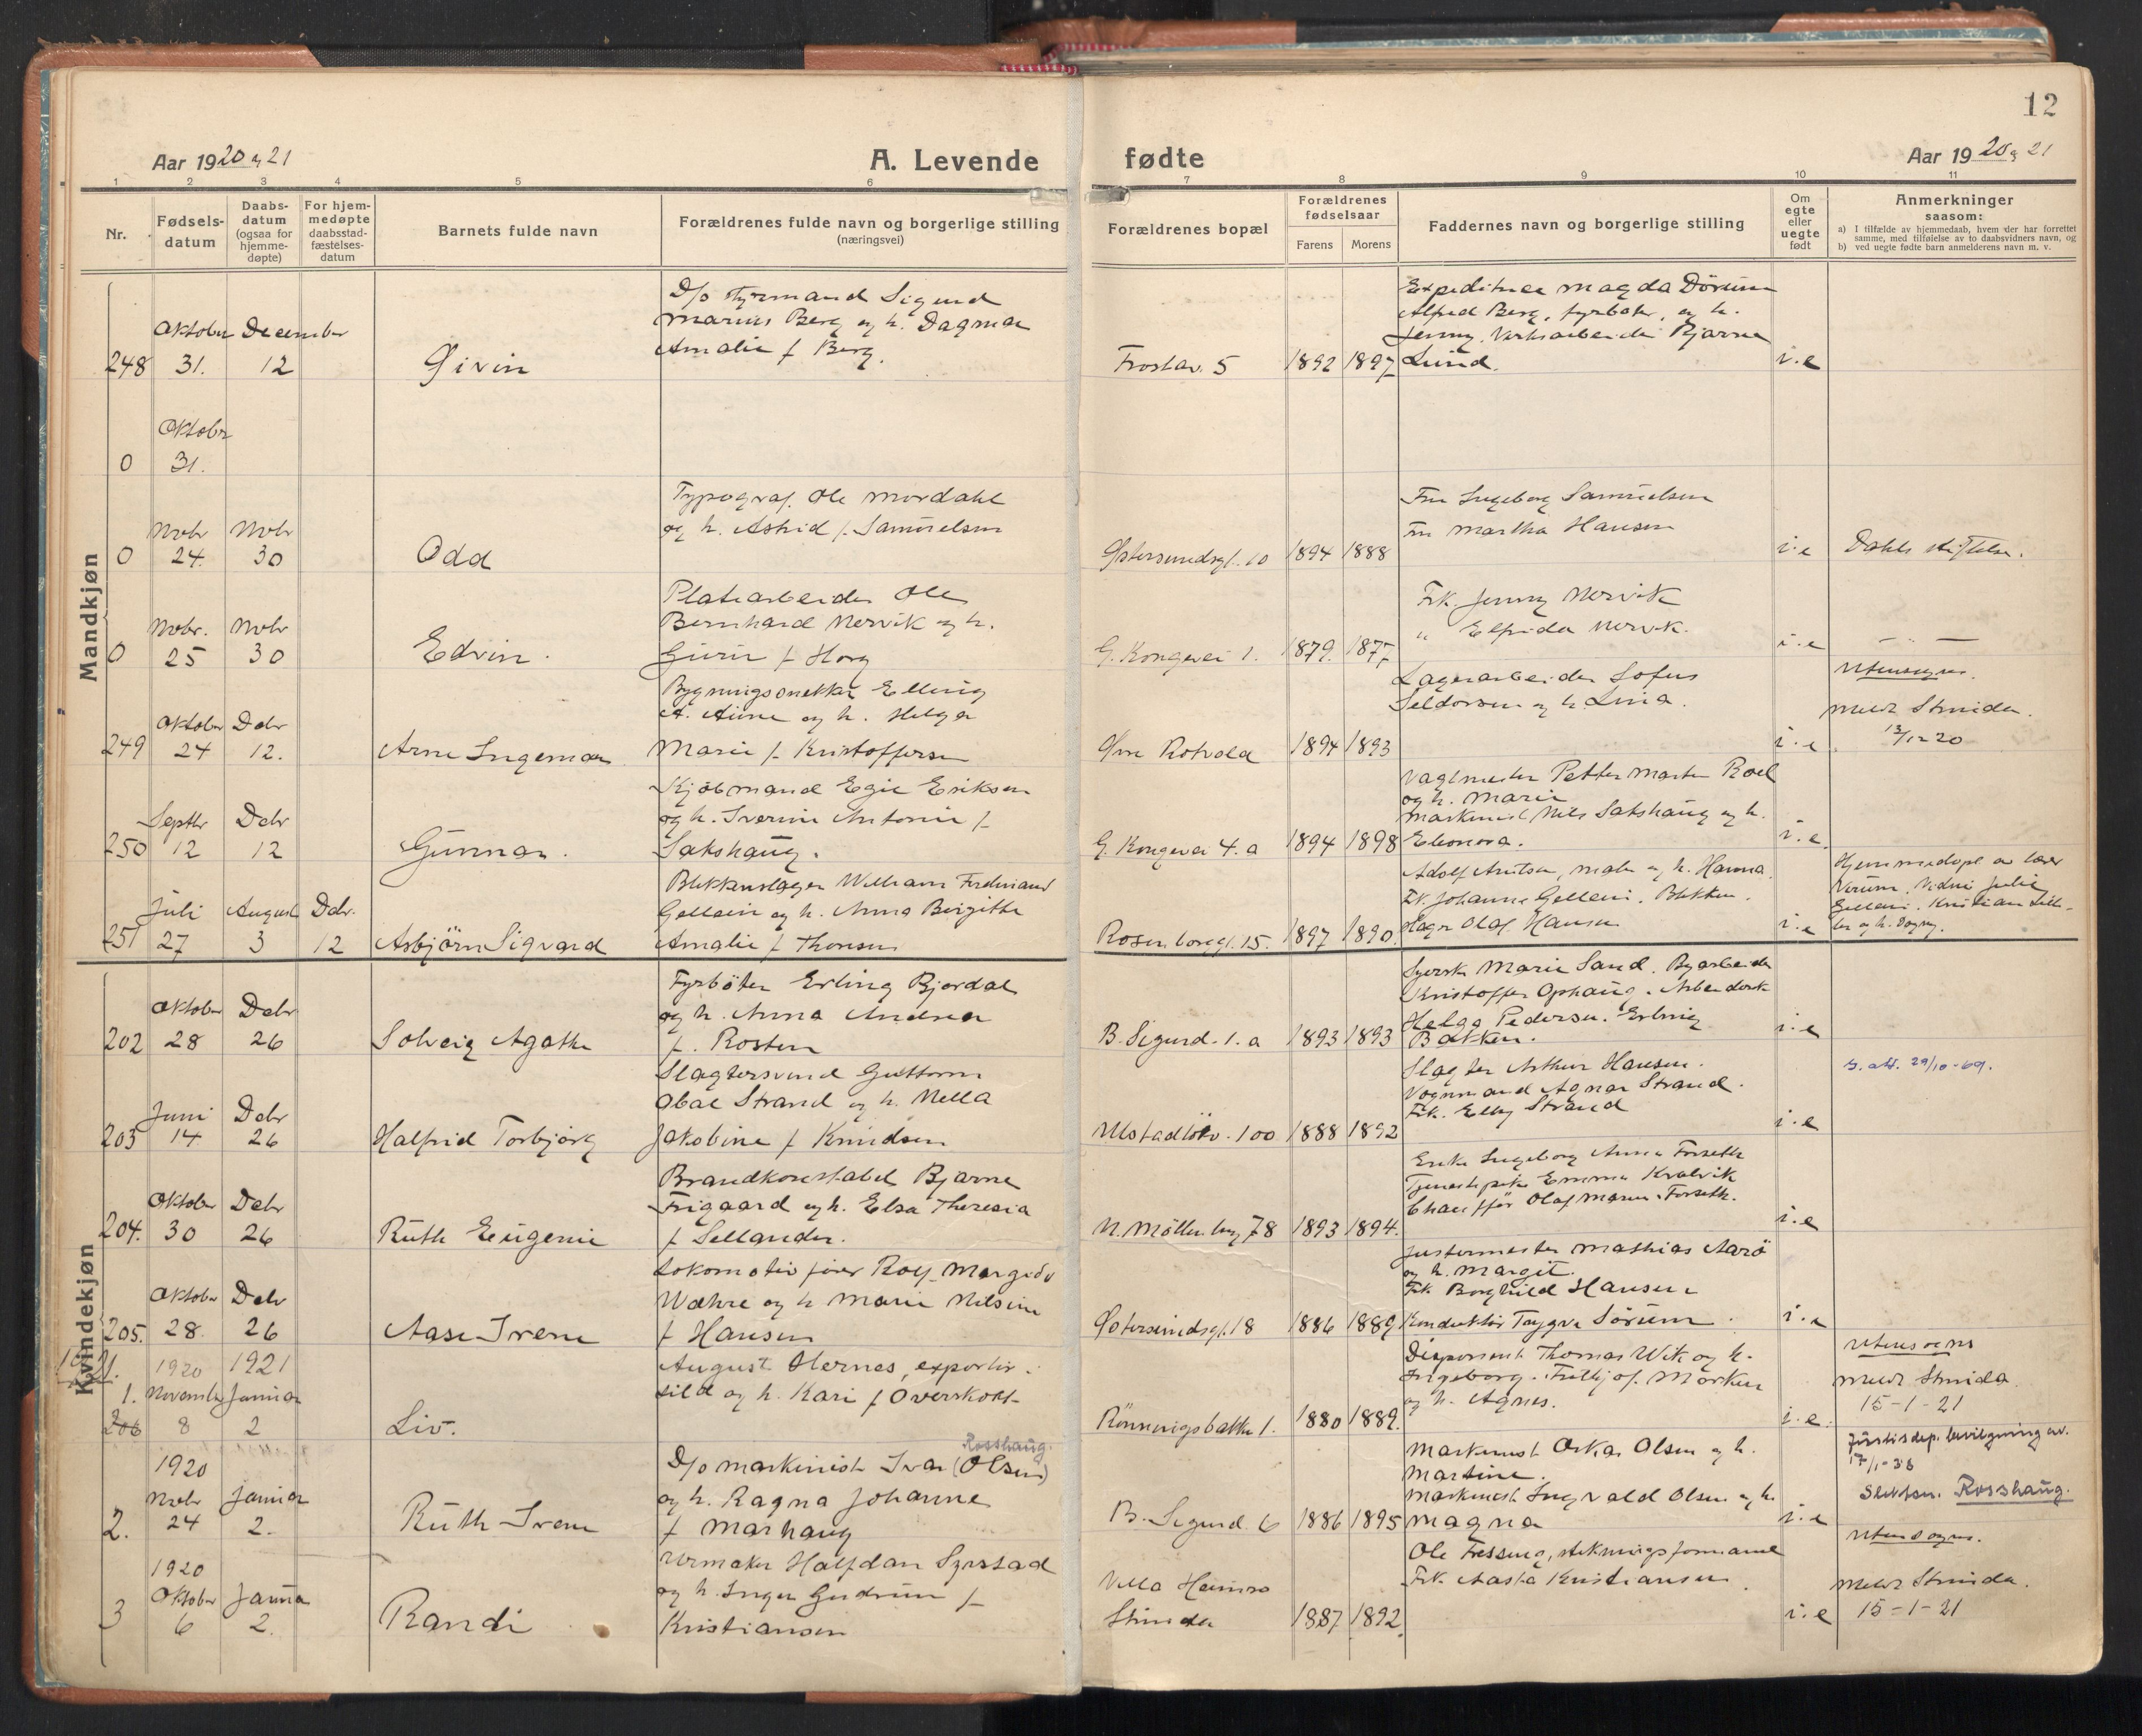 SAT, Ministerialprotokoller, klokkerbøker og fødselsregistre - Sør-Trøndelag, 605/L0248: Ministerialbok nr. 605A10, 1920-1937, s. 12